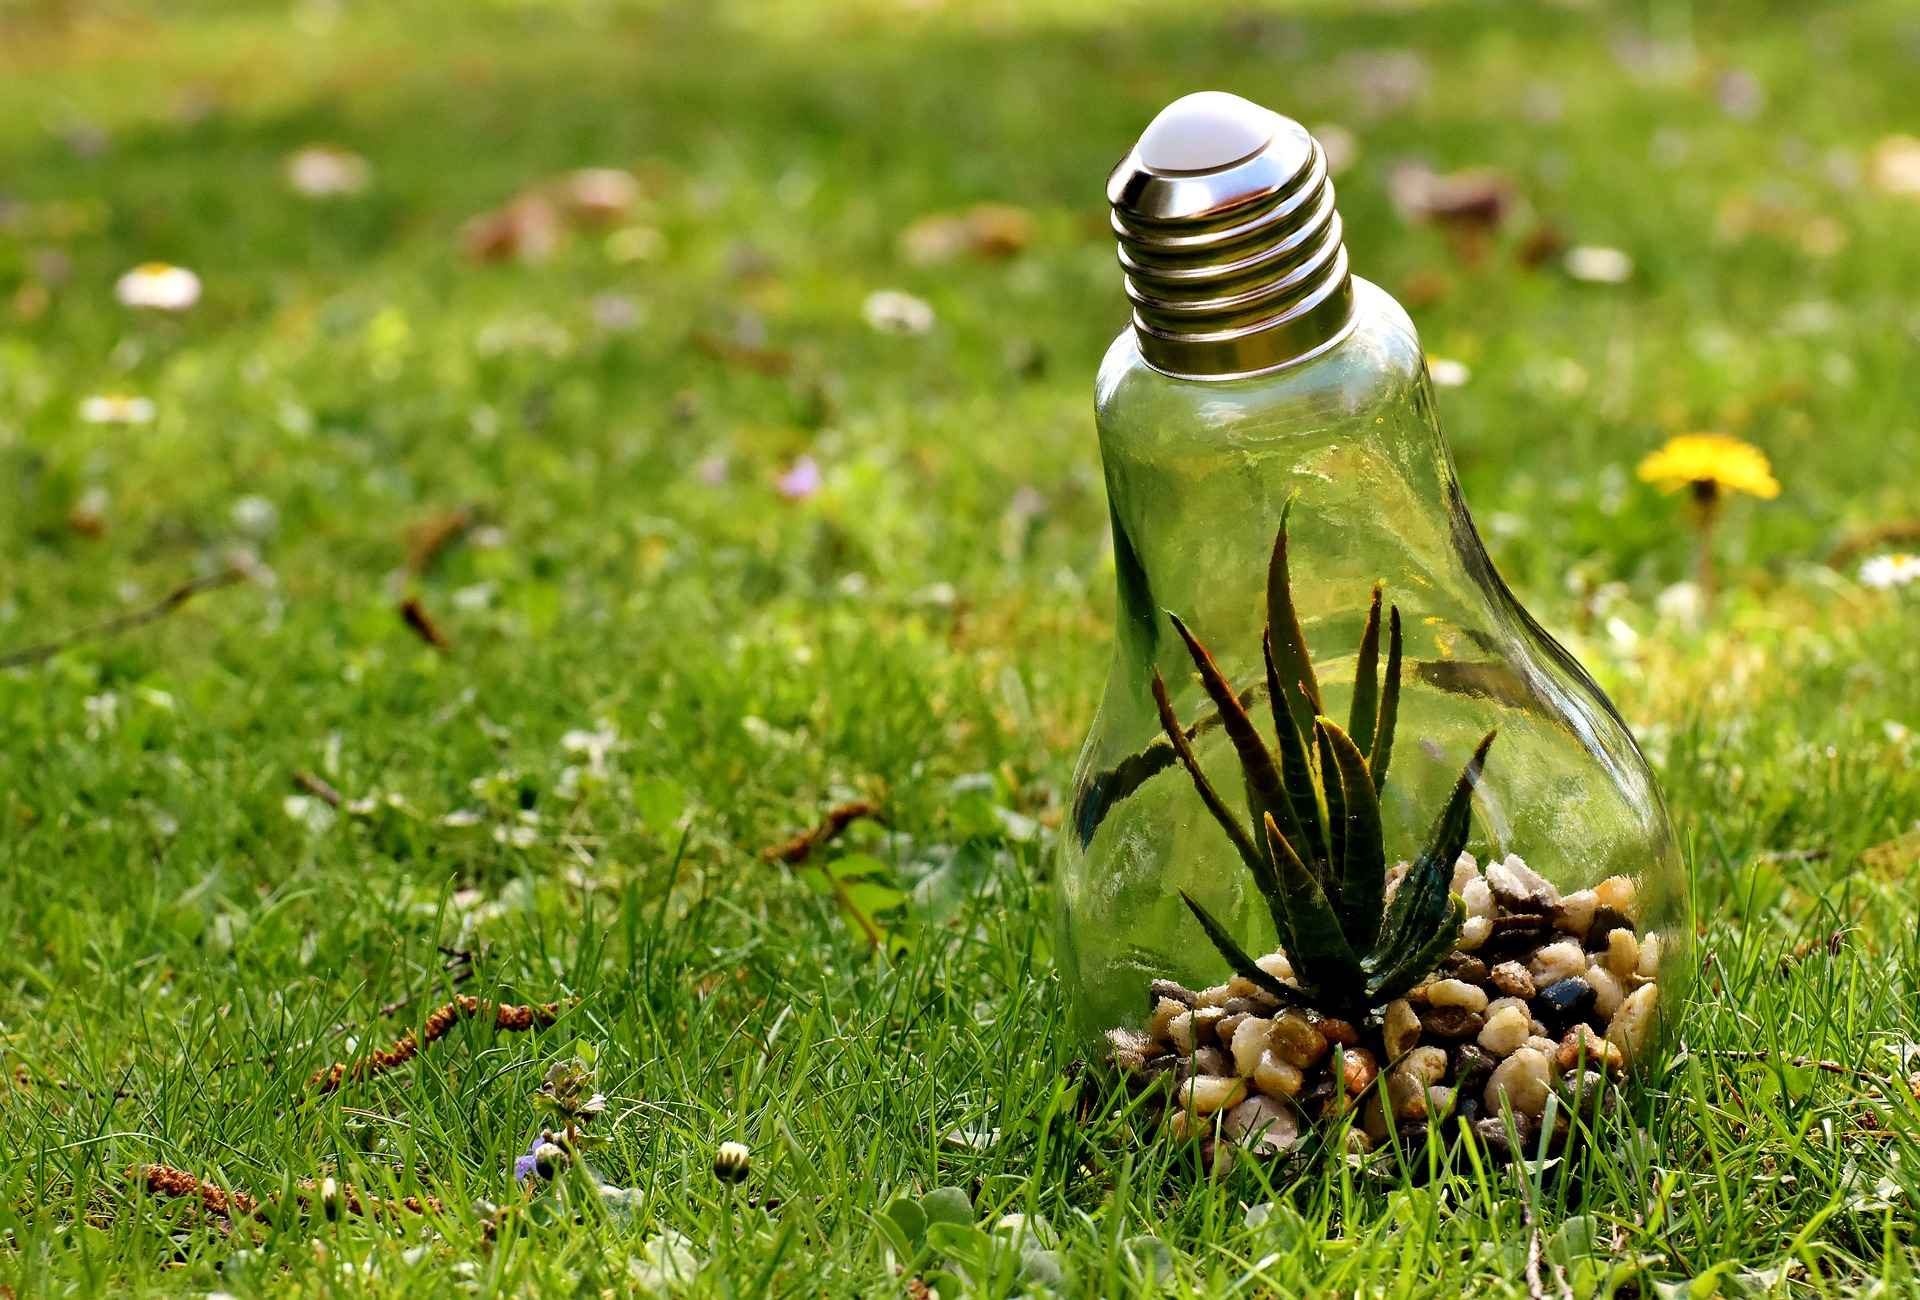 環境問題を解決するためにできることとは?